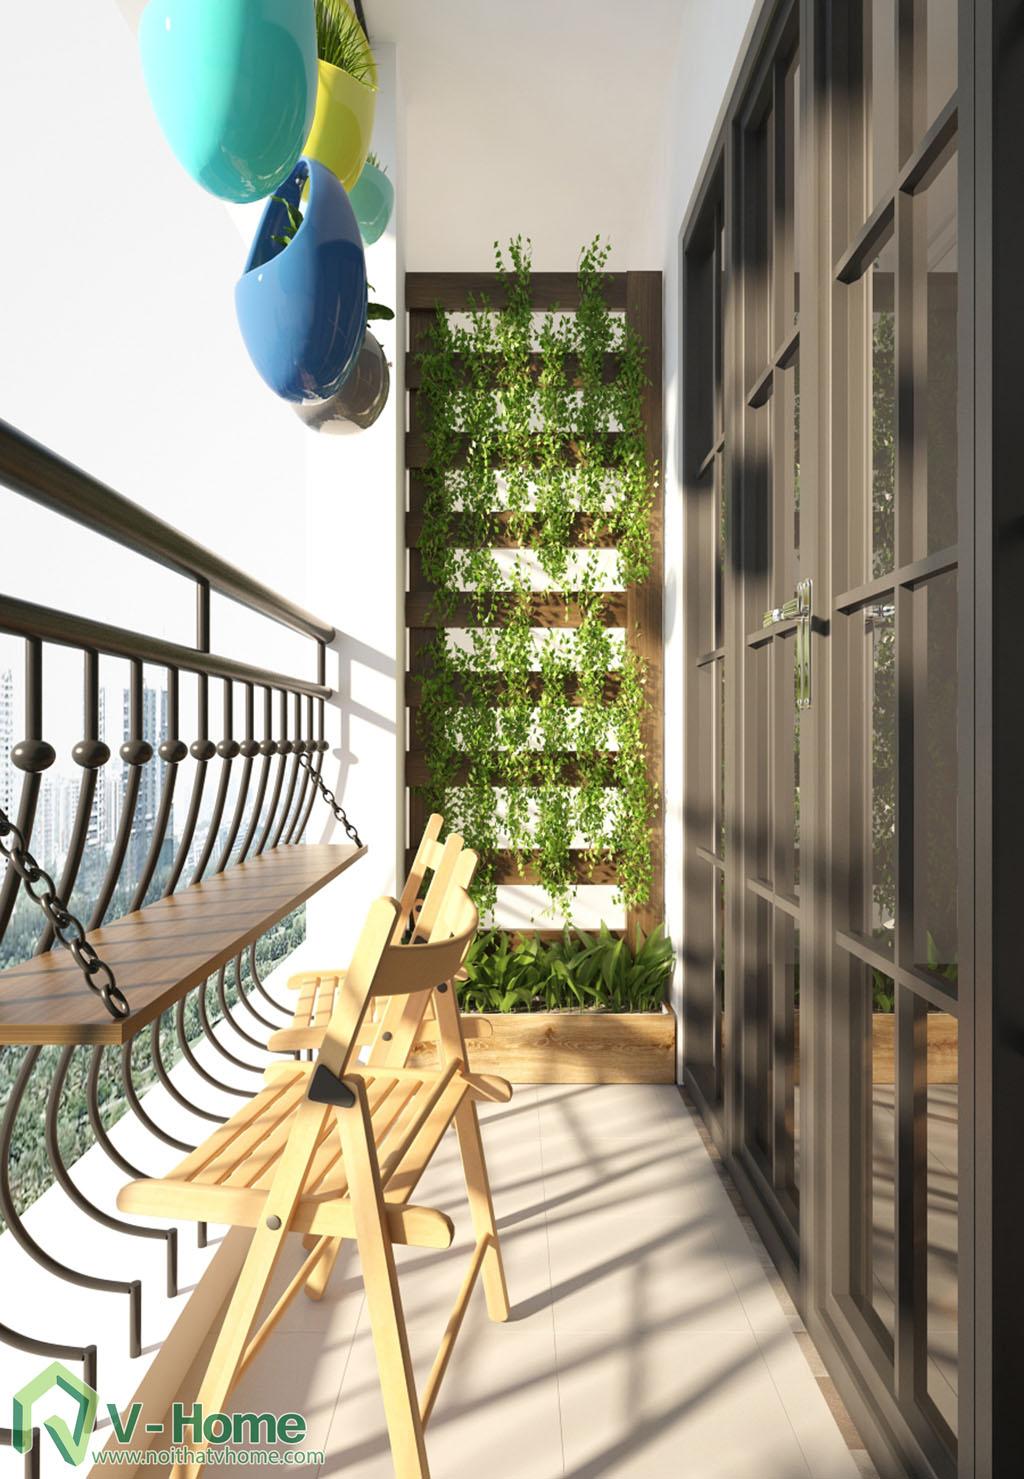 thiet-ke-phong-ngu-an-binh-city-10 Thiết kế nội thất chung cư An Bình City - A. Dũng